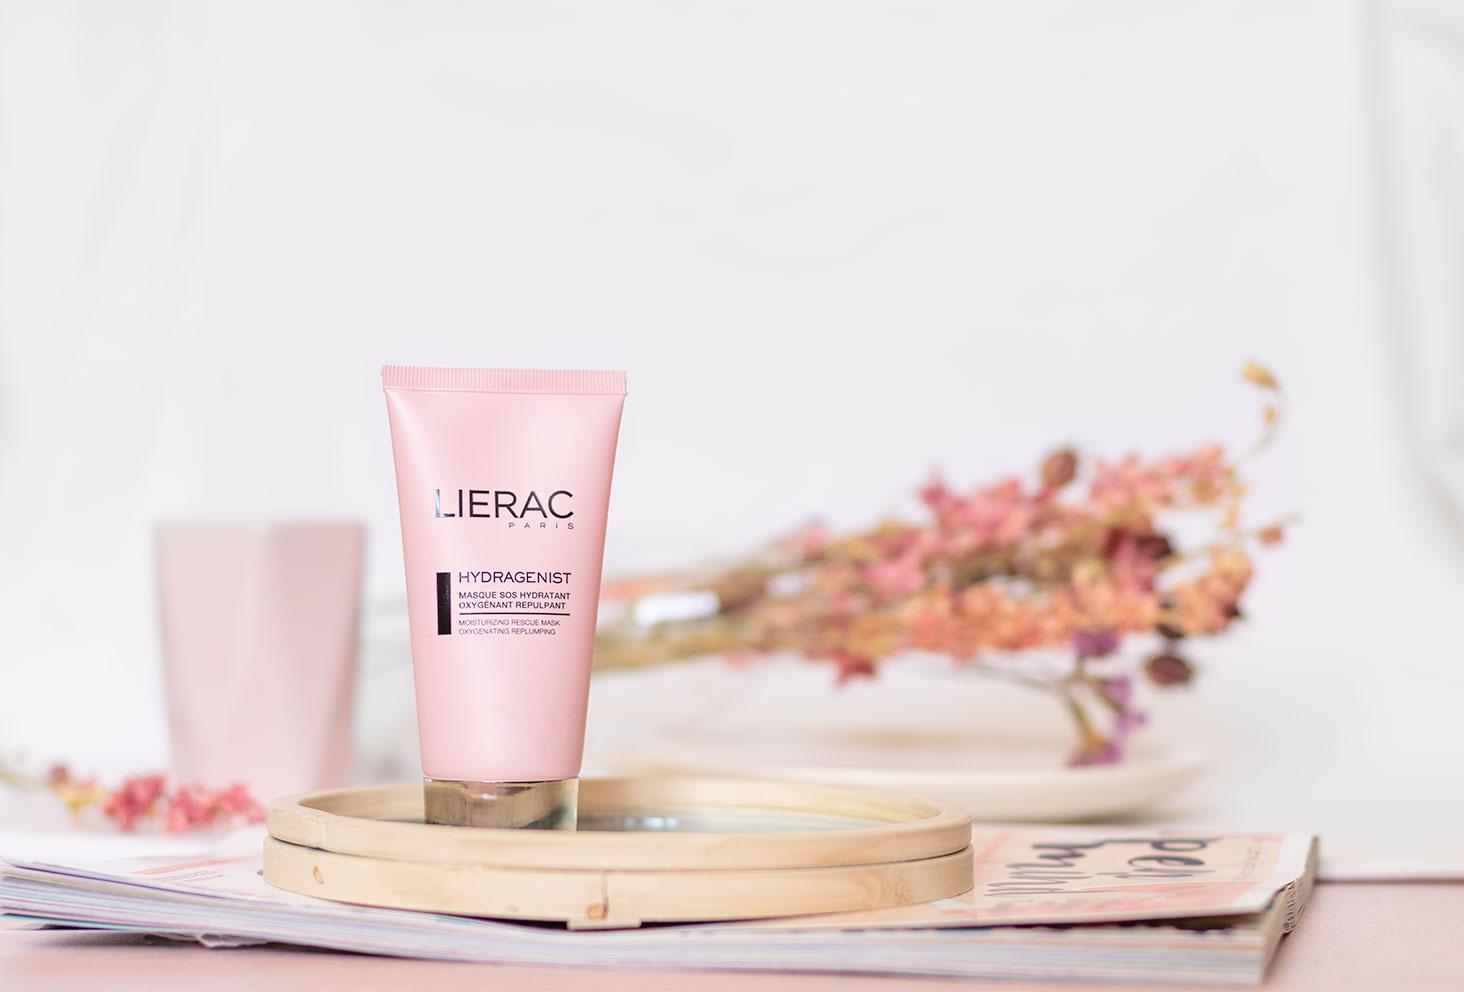 Le masque Hydragenist hydratant et oxygénant de Lierac posé sur un miroir devant un fond blanc et des fleurs séchées roses